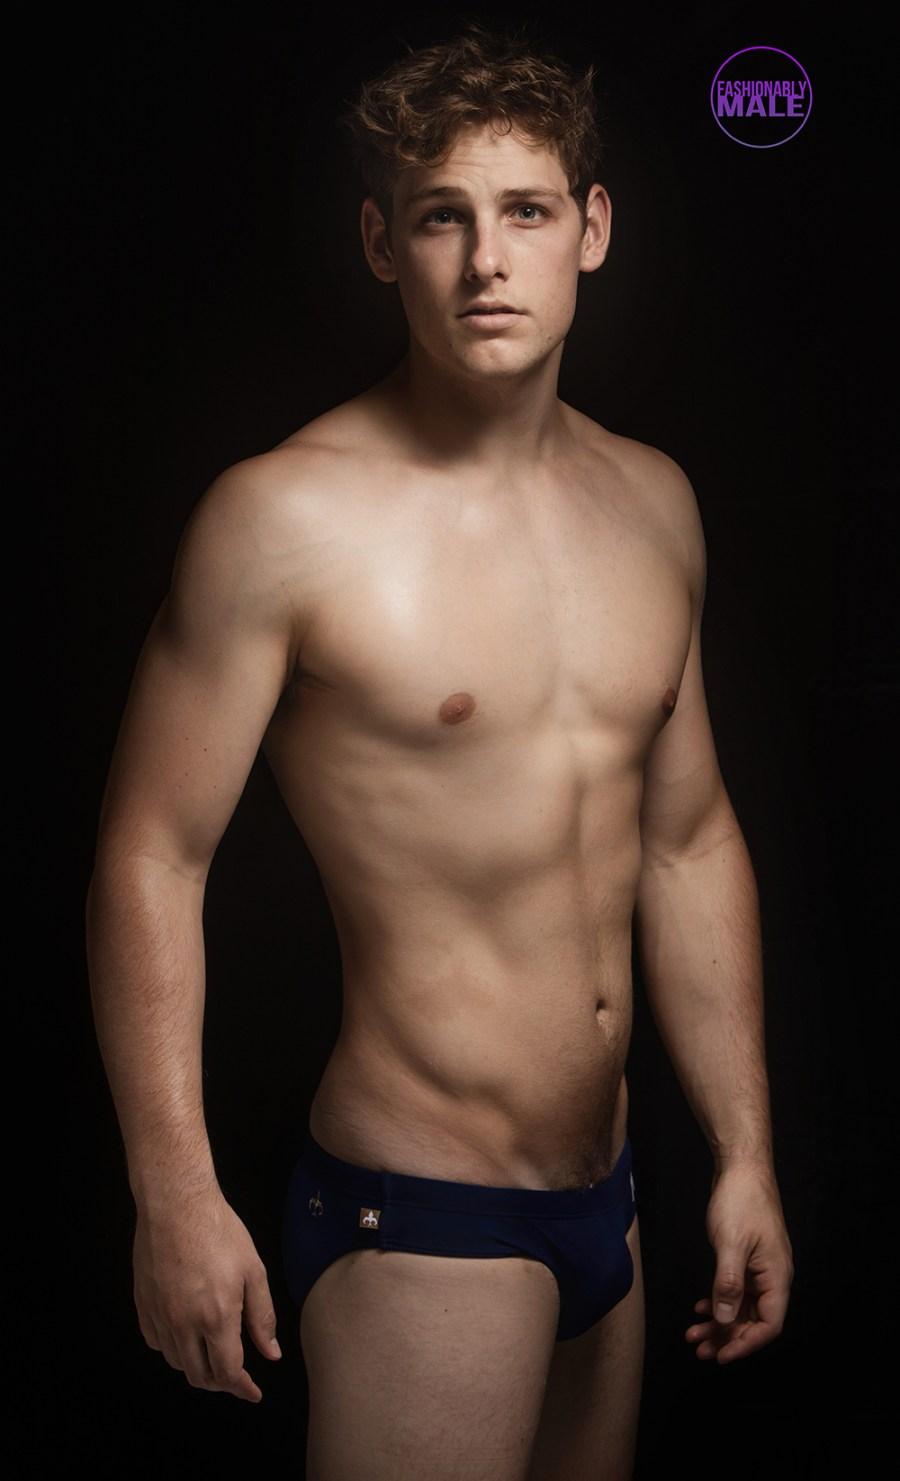 Chase Carpenter The New Model On Demand Thanks To Scott Bradley